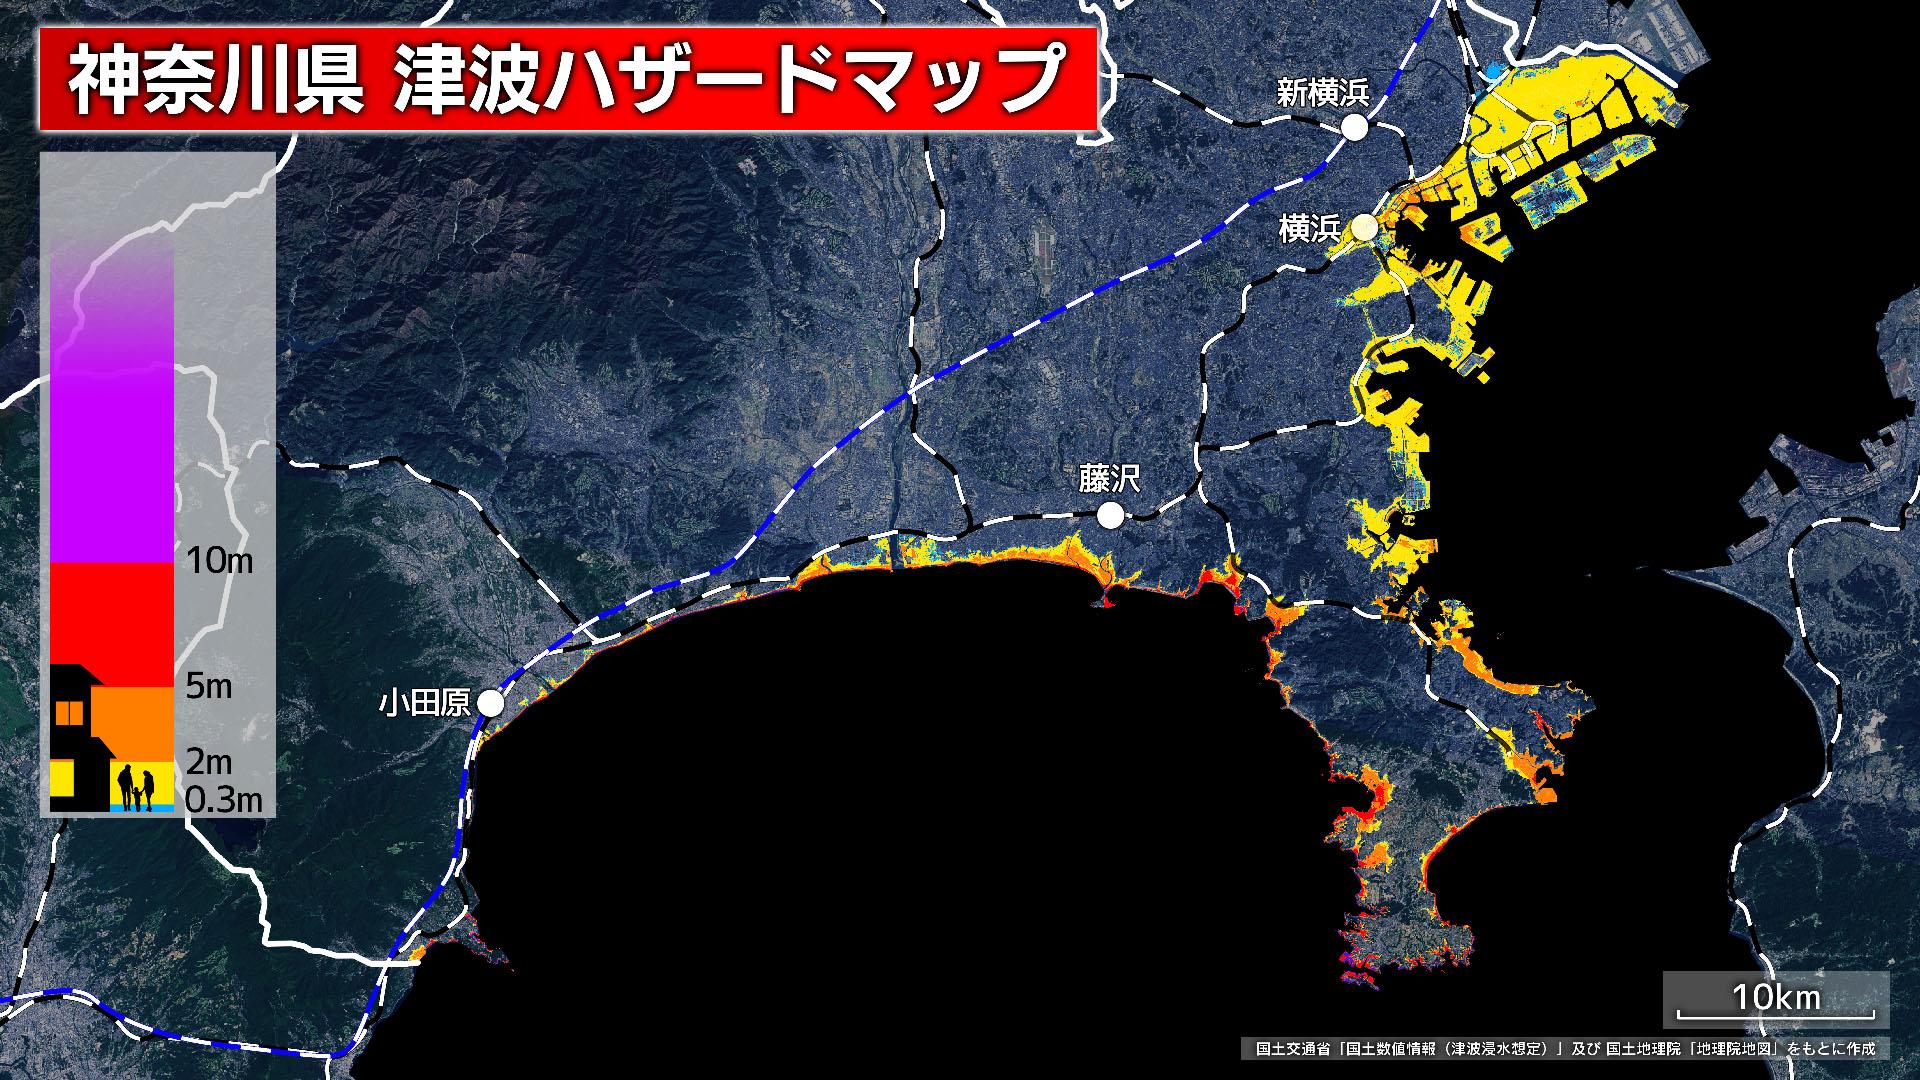 神奈川県 津波ハザードマップ